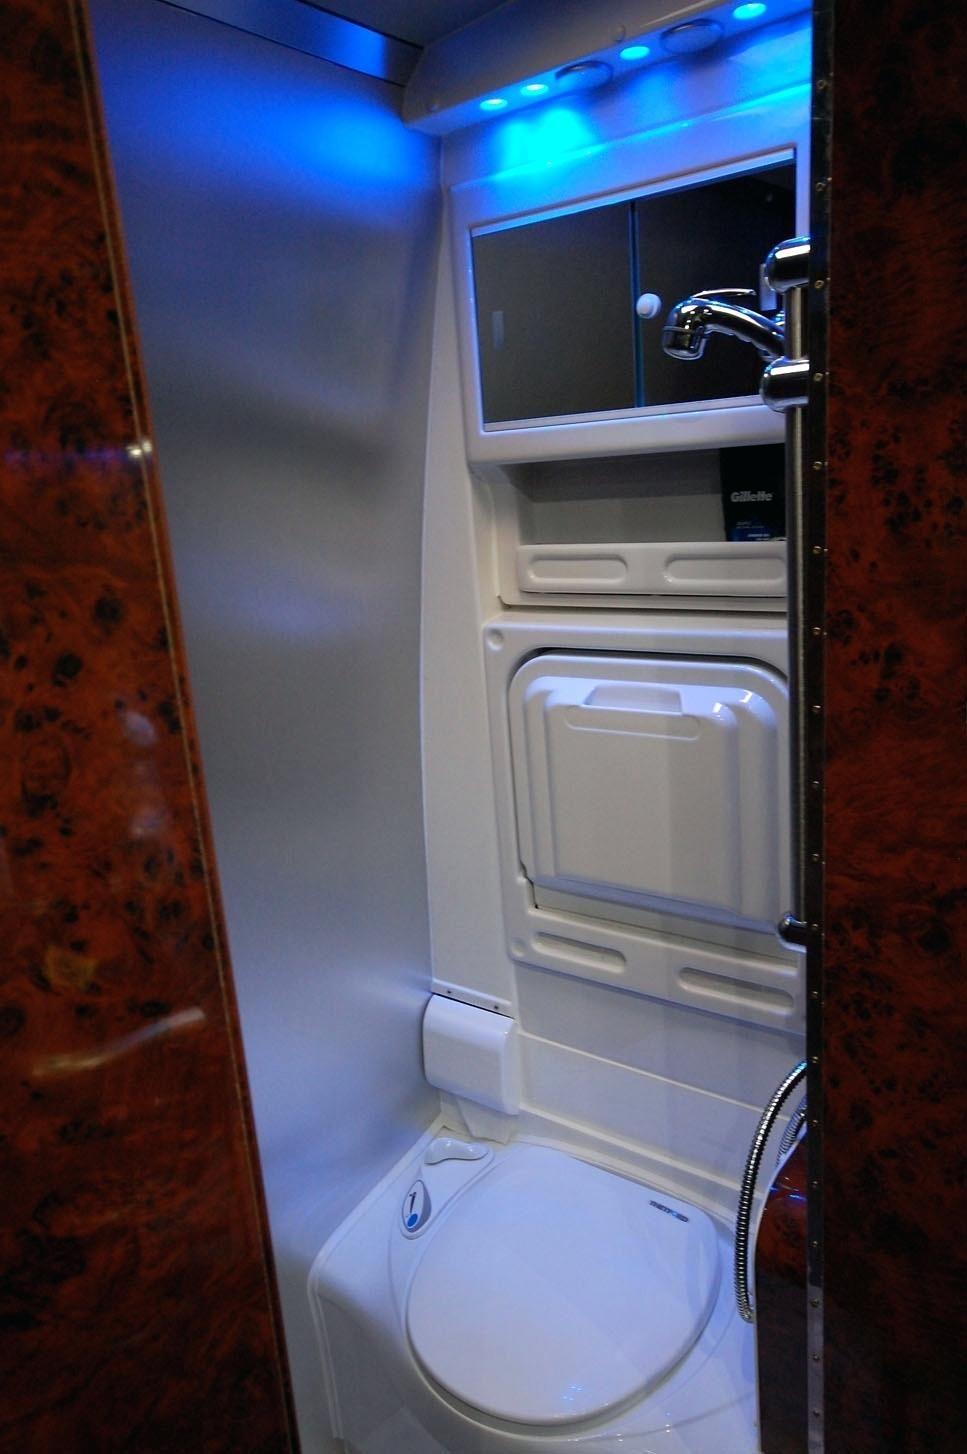 American Standard Fawn Beige Toilet Rv Shower Sink Combo ...